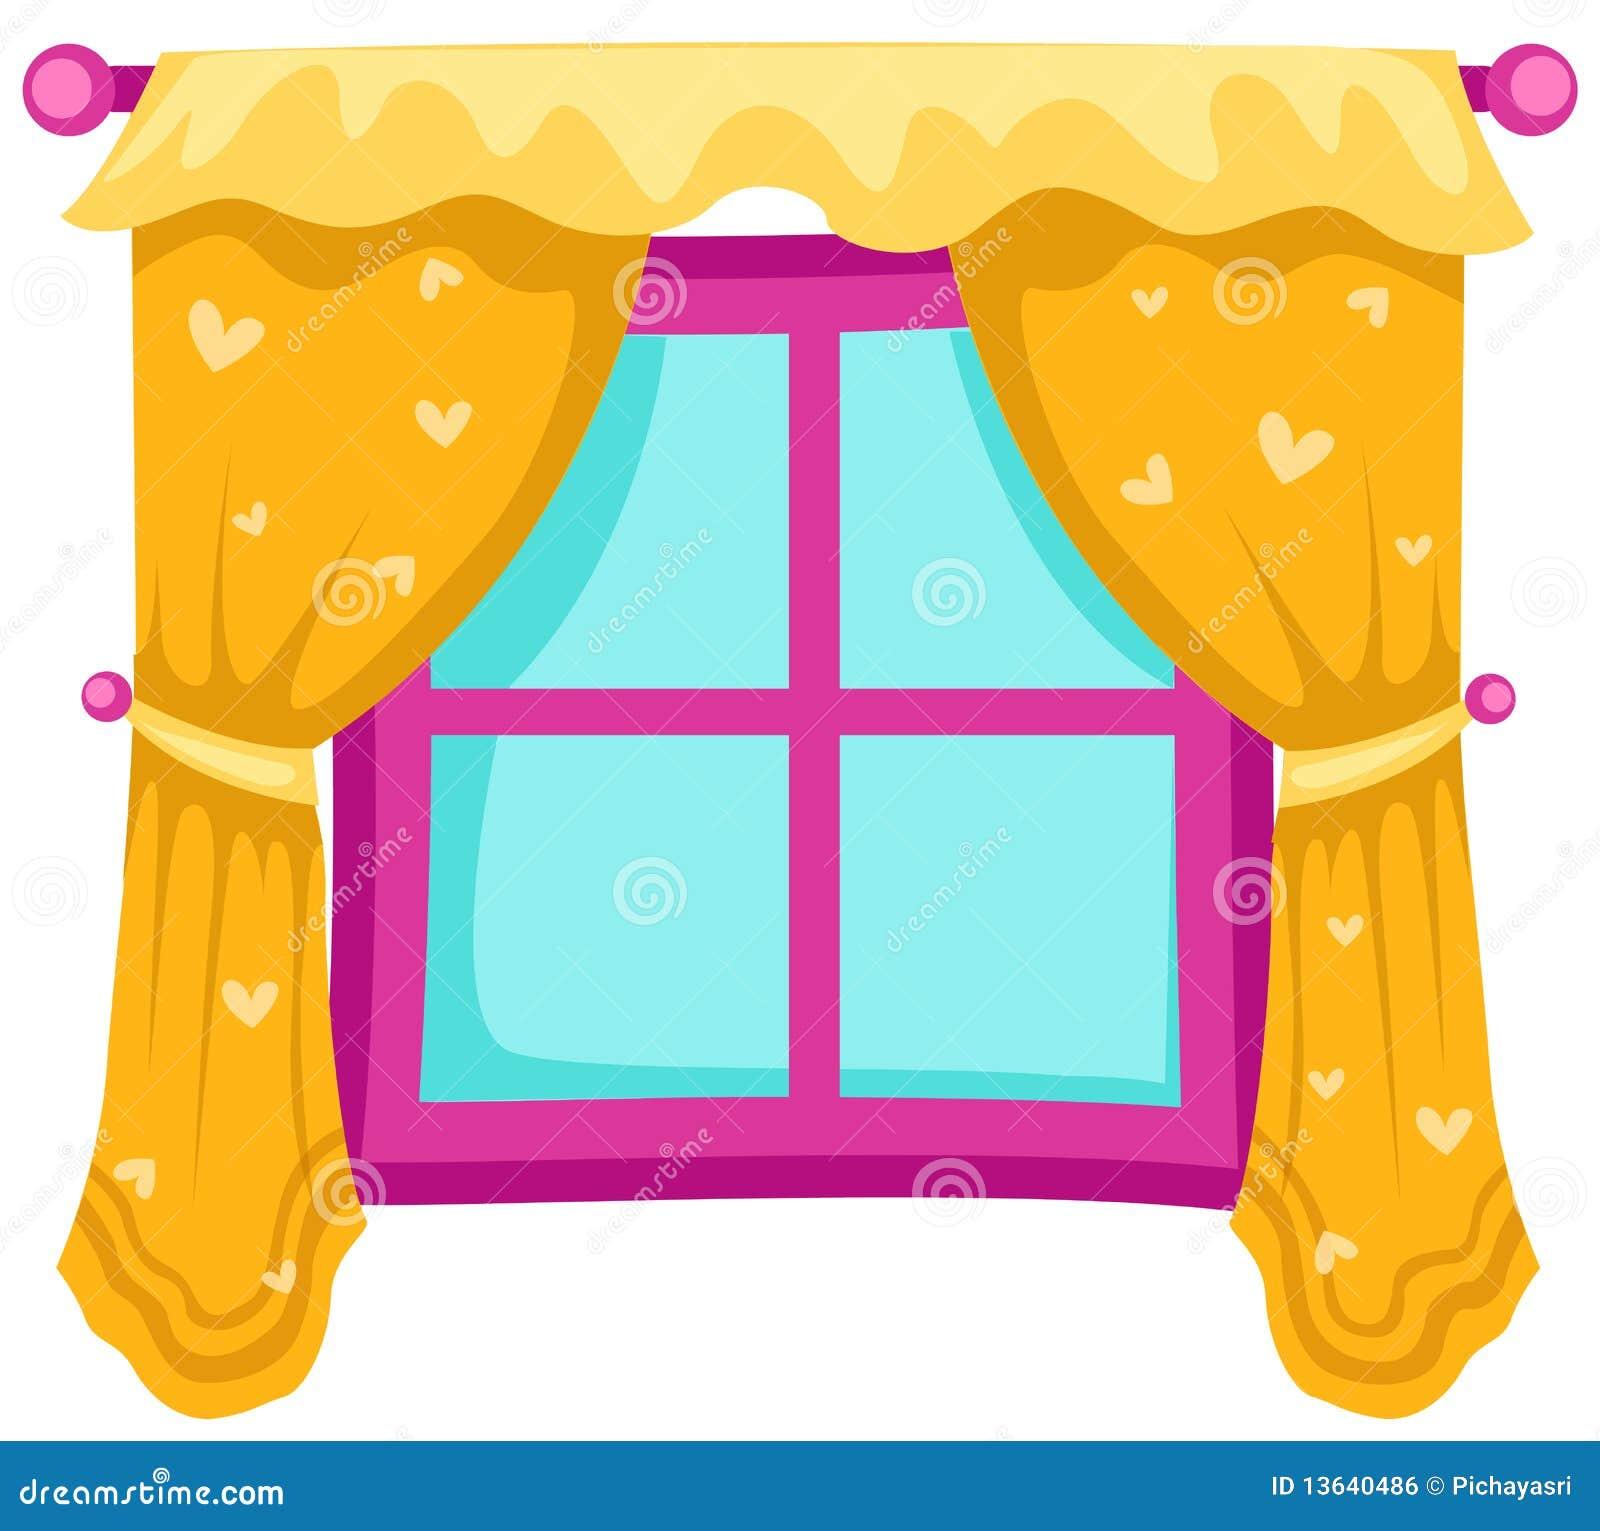 Fenster geschlossen clipart  Fenster Mit Trennvorhängen Lizenzfreies Stockbild - Bild: 13640486